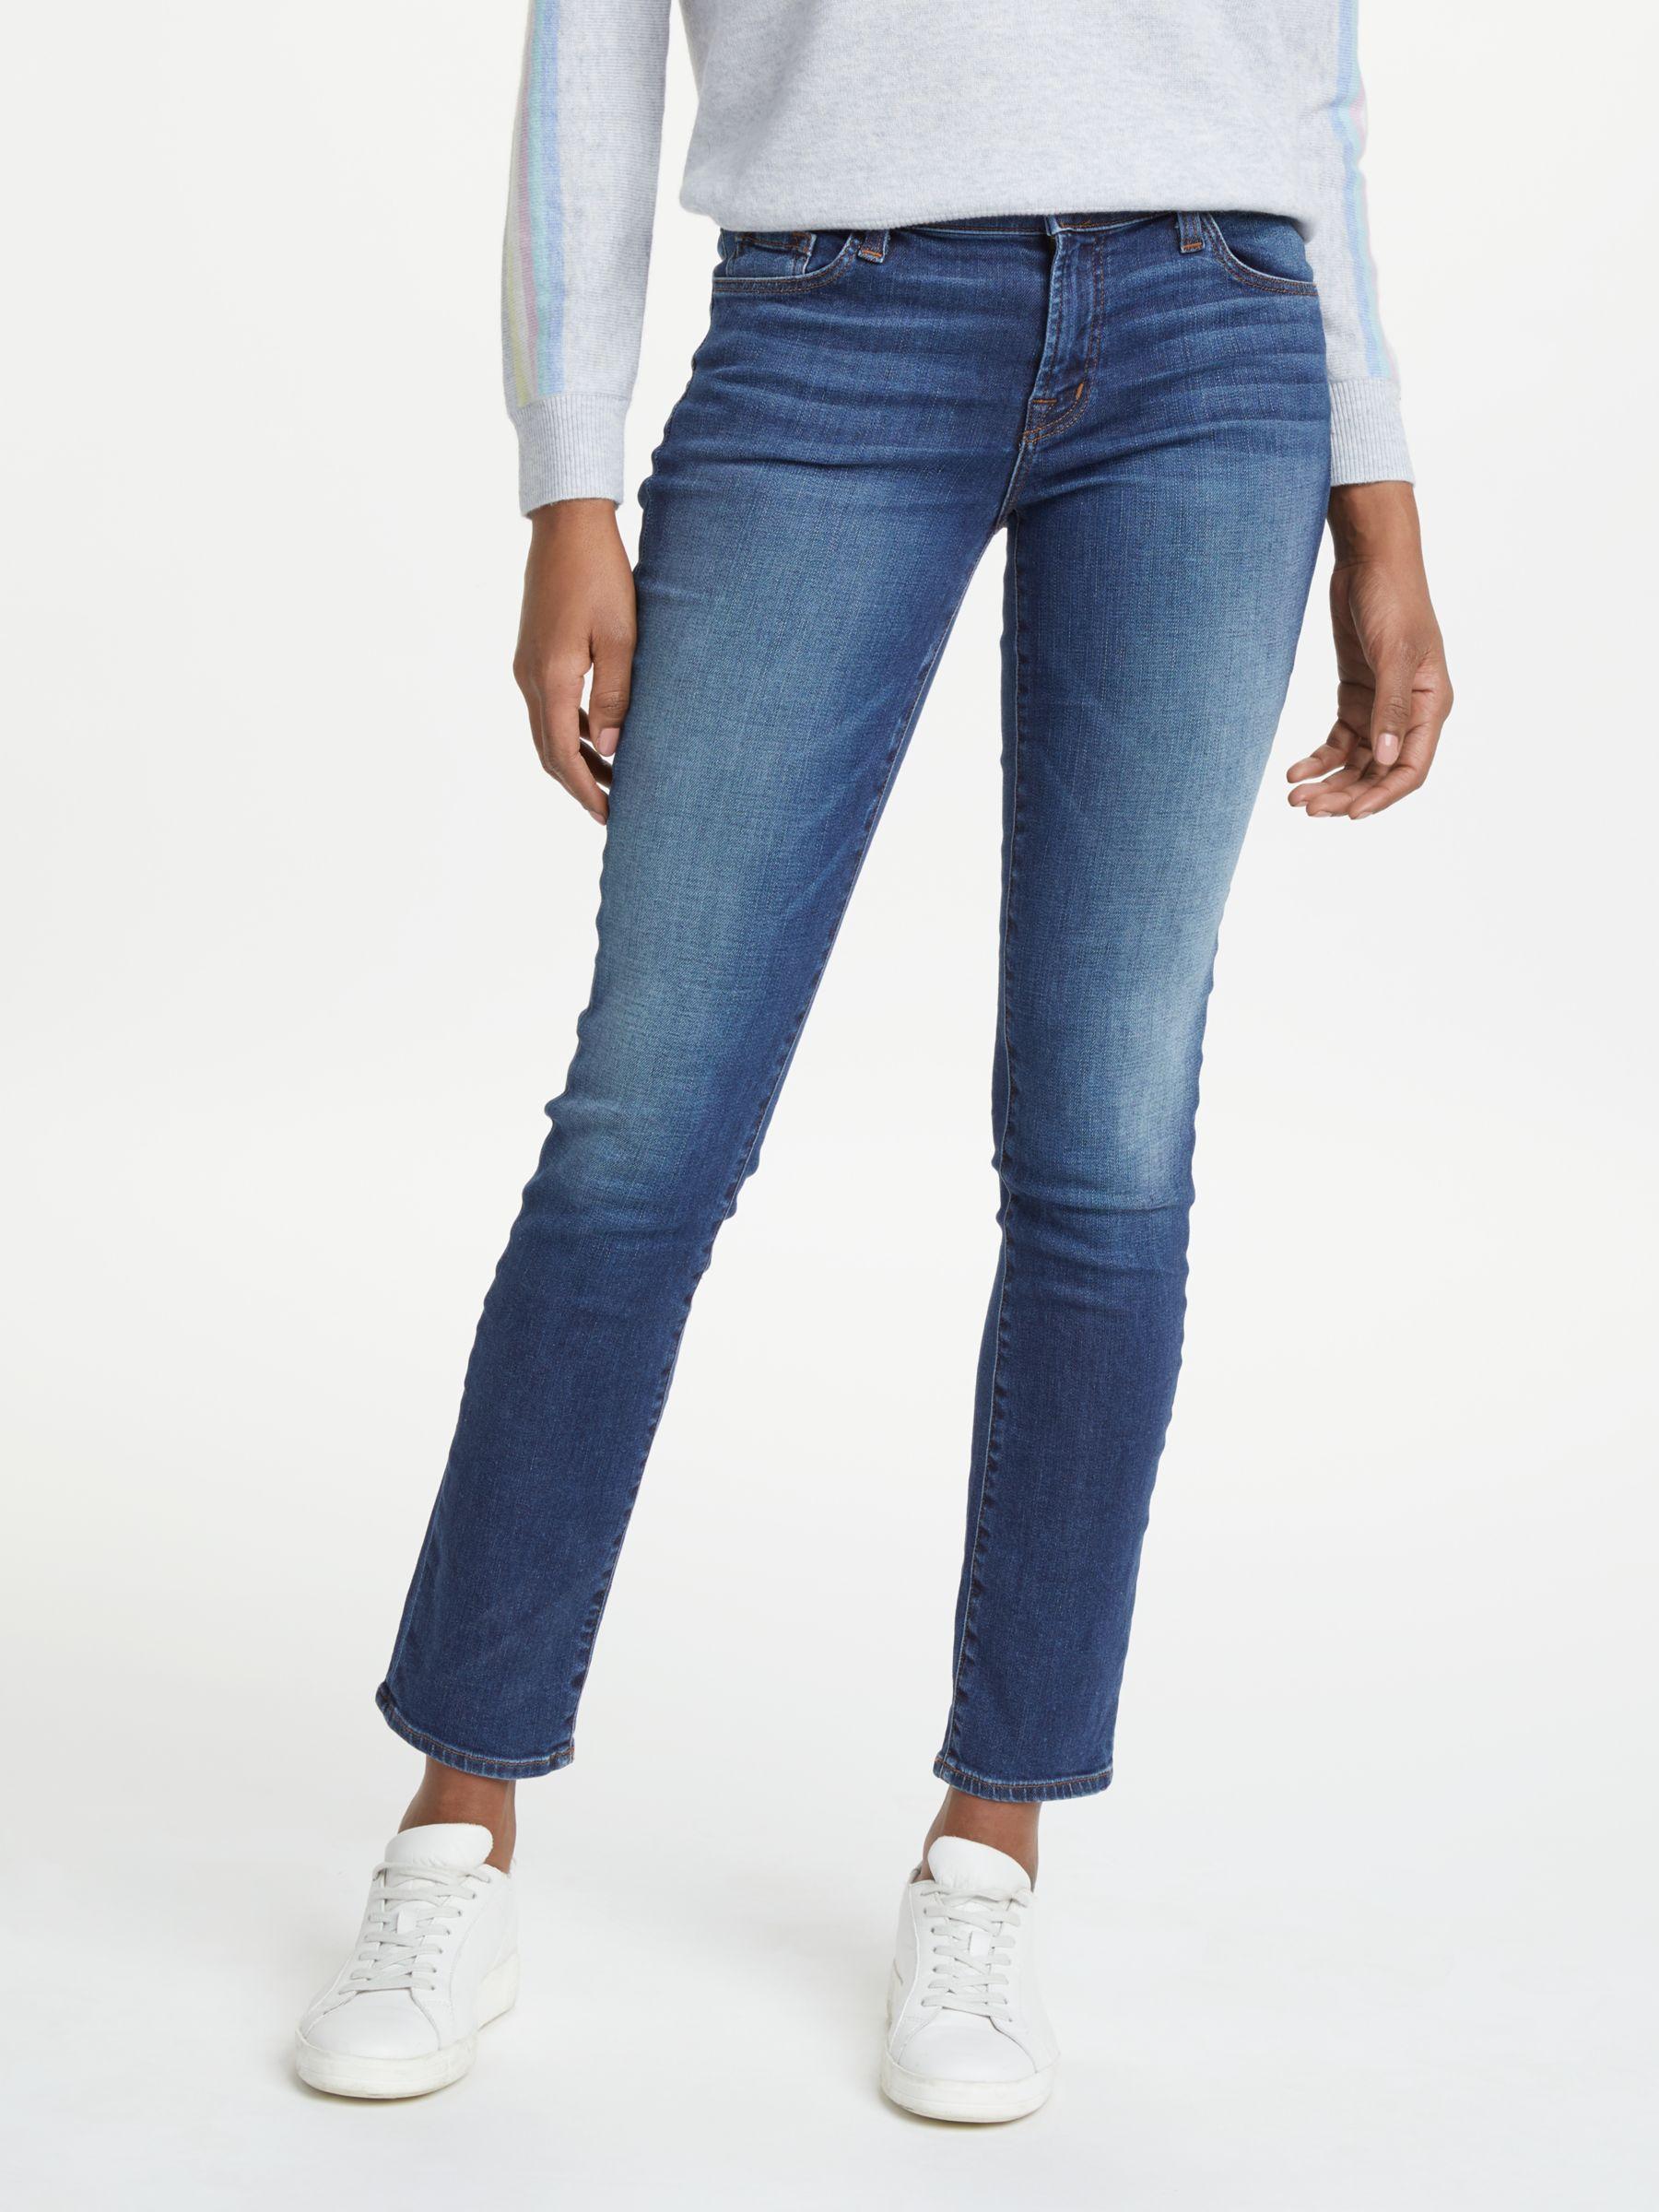 J Brand J Brand Amelia Mid Rise Straight Jeans, Vanity